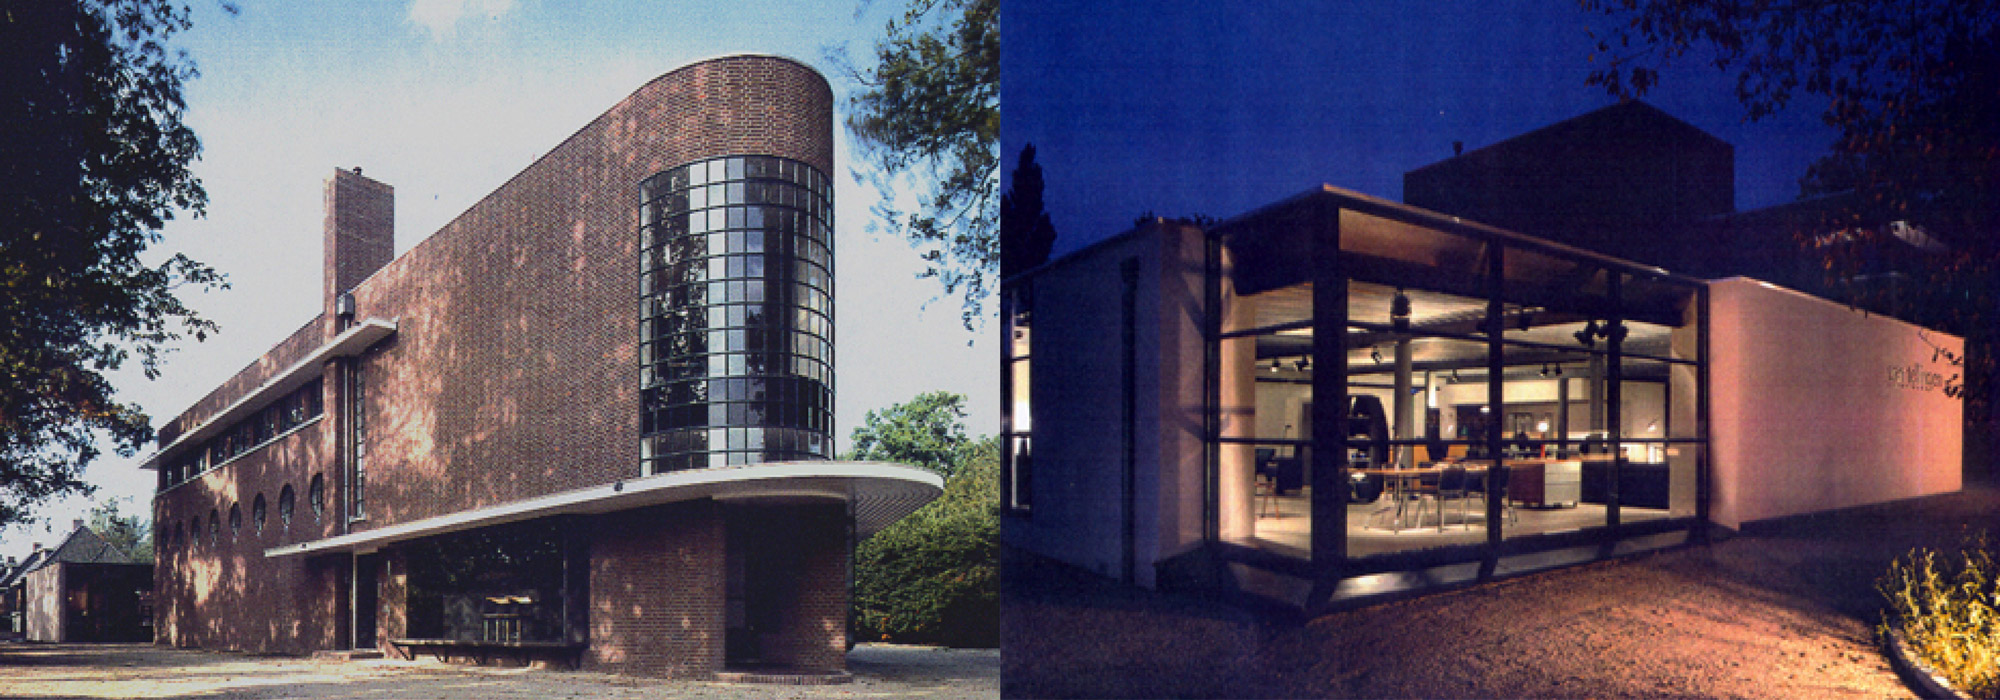 Eerder gerealiseerde projecten | Jan van Tellingen | architecture ...